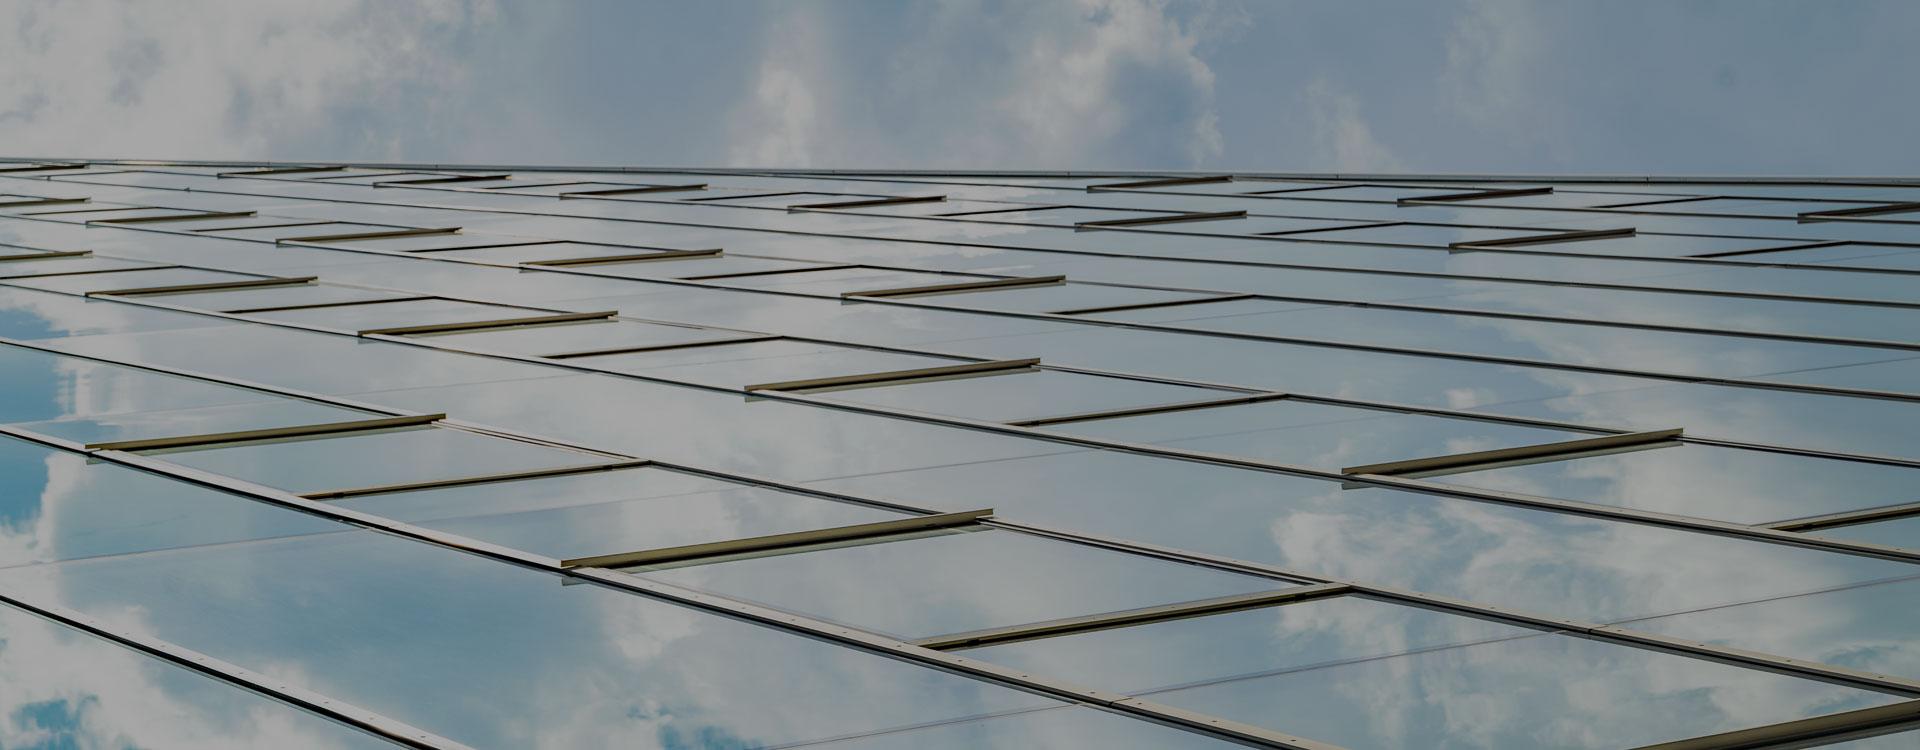 Glas Spiegelung - wbg